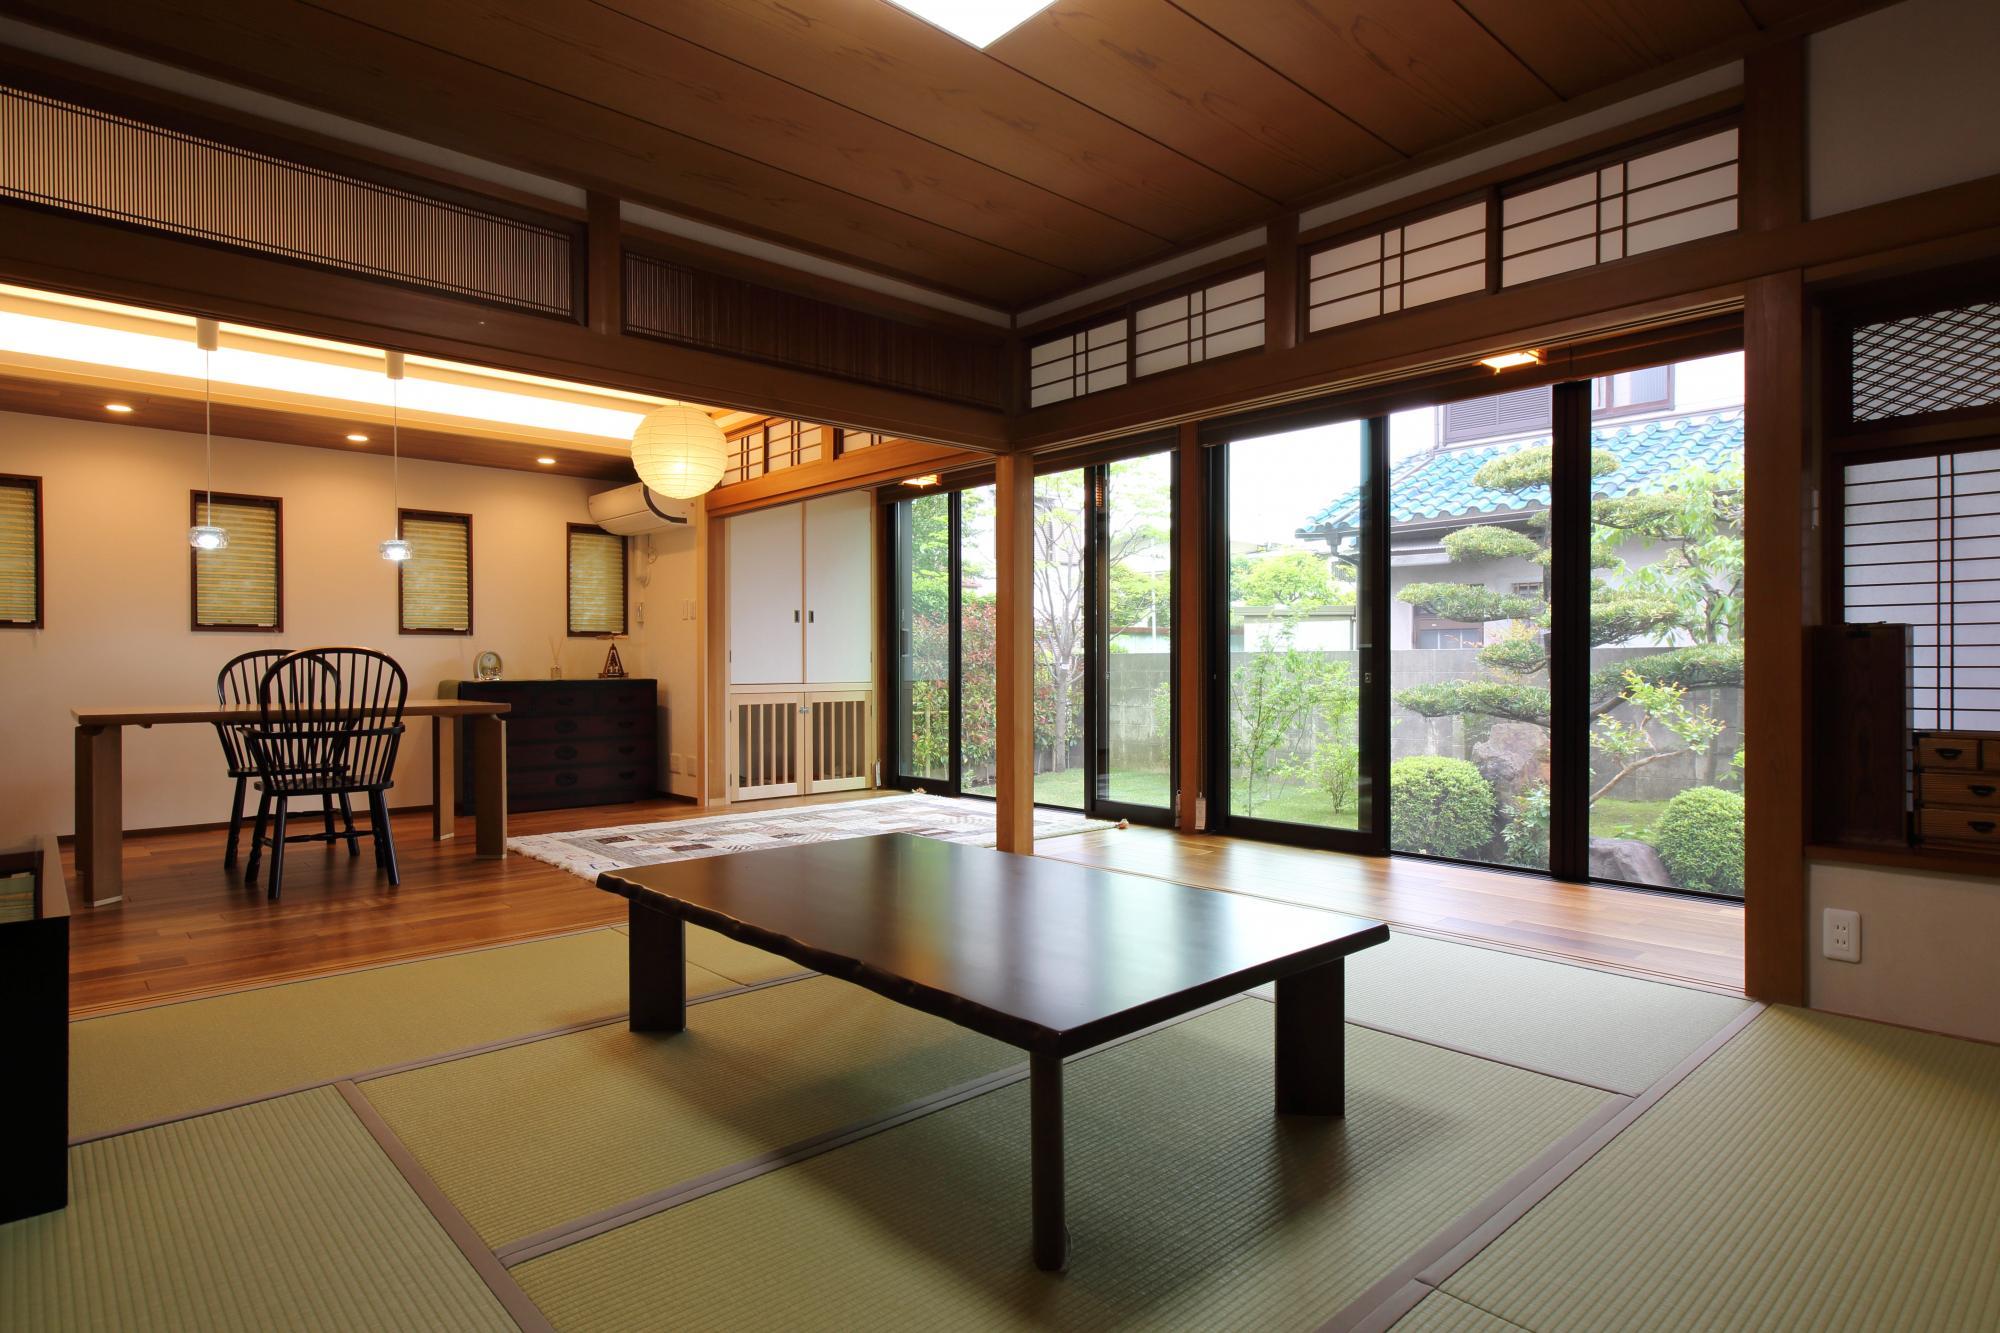 和室の襖や障子を開けるとLDと一体感のある空間に。南側の広縁の開口部を、大型サイズのサッシ窓に取り替えたことで十分採光が取り入れられ、庭の景色も楽しめるようになった。